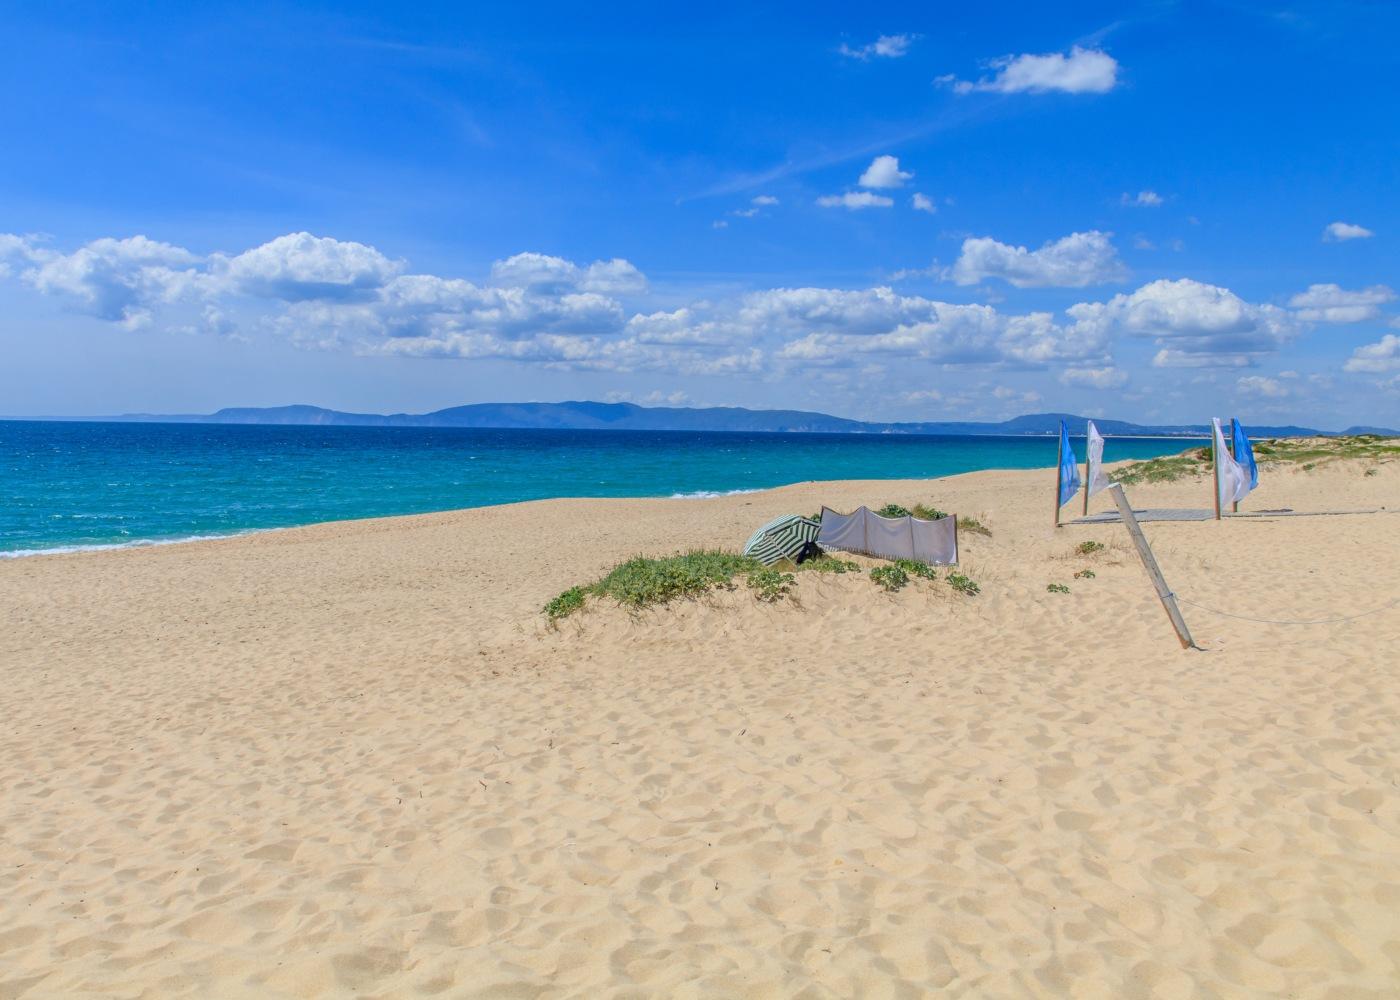 vista sobre a praia da comporta